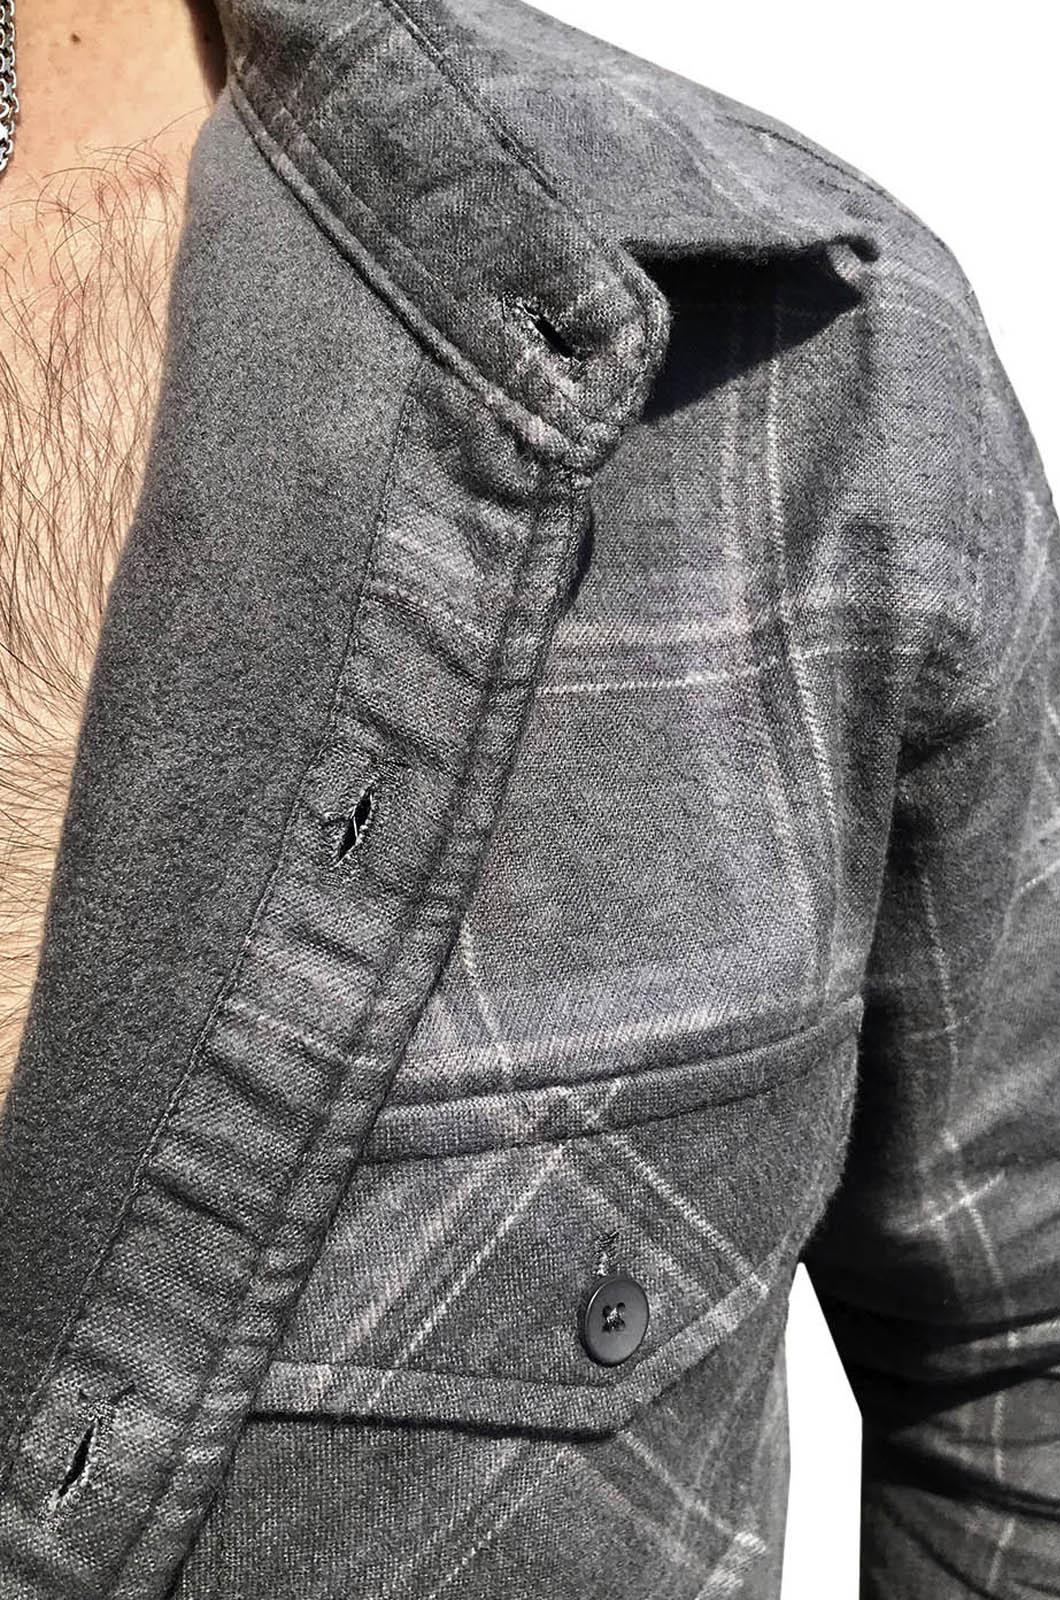 Строгая мужская рубашка с вышитым шевроном ДШМГ - купить с доставкой